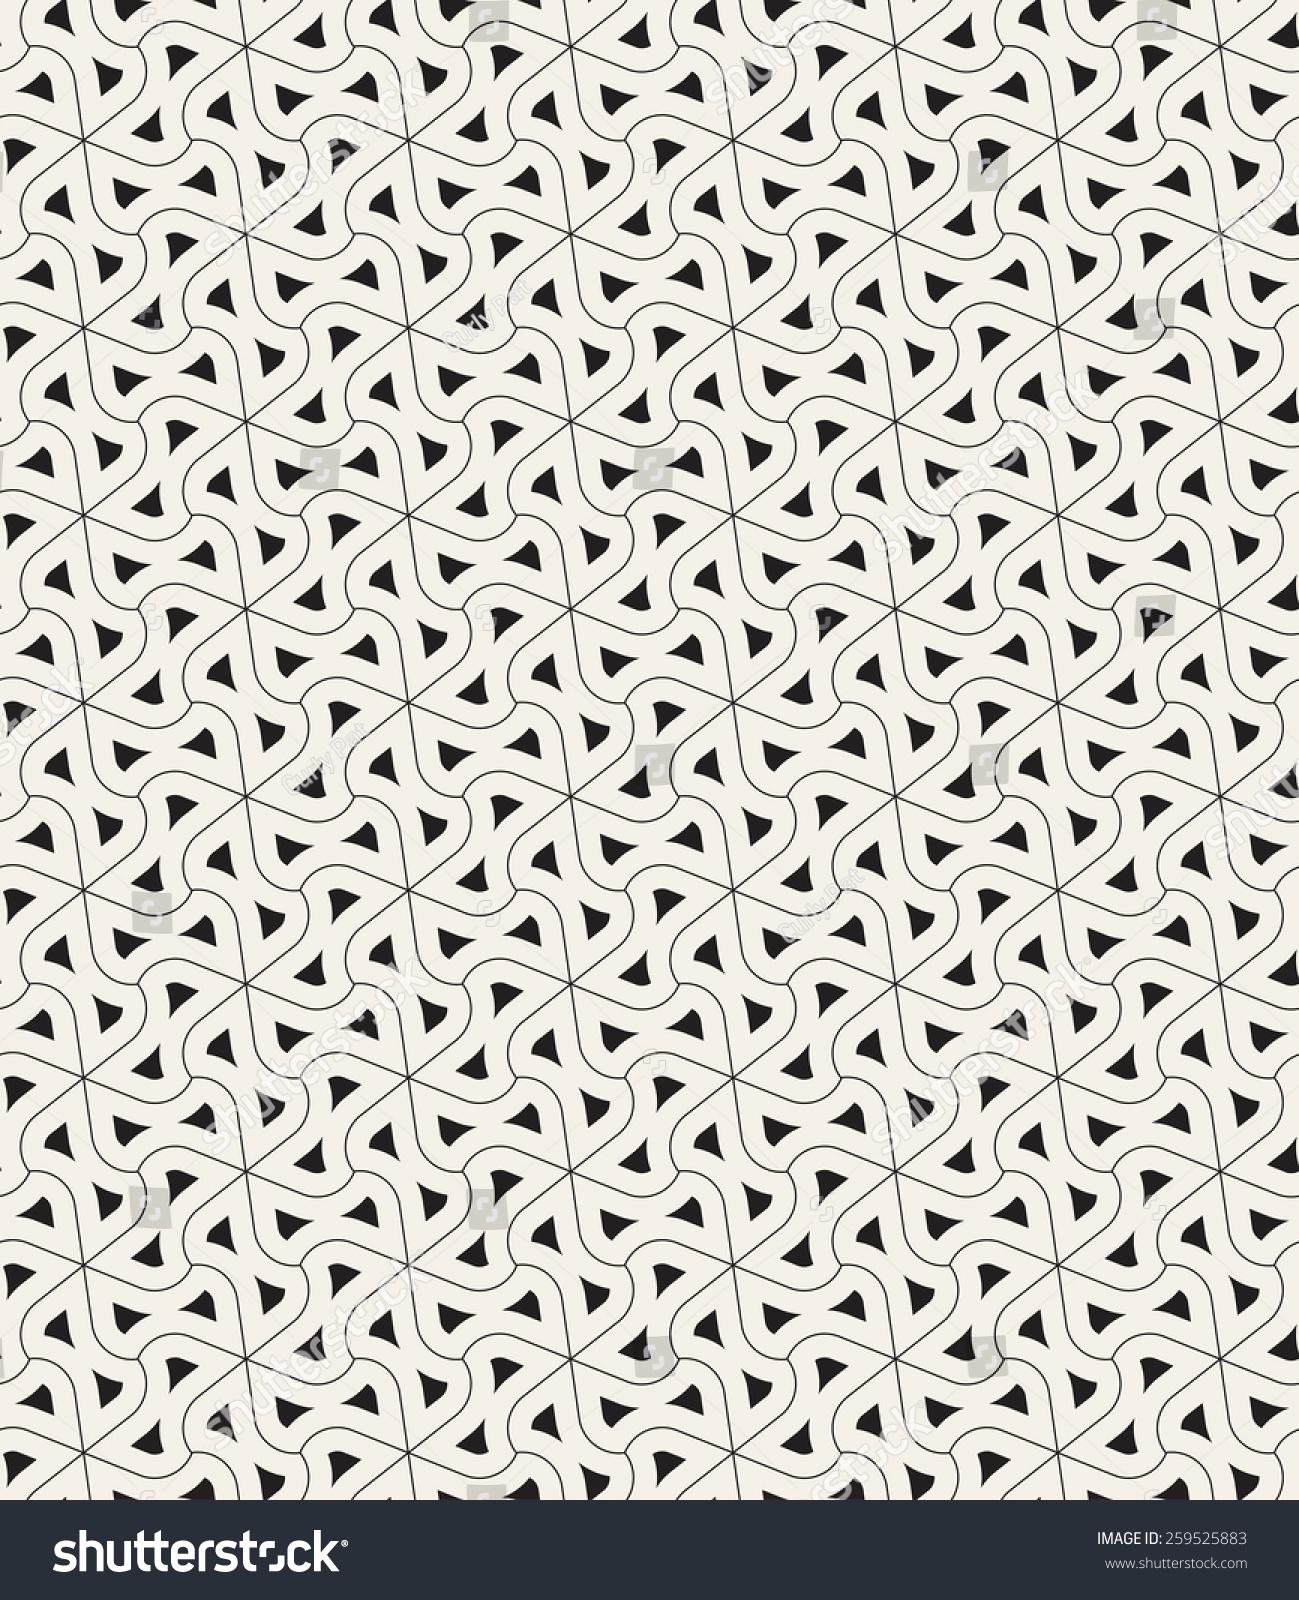 矢量无缝模式.现代几何网格纹理.扭曲三角形光滑元素.